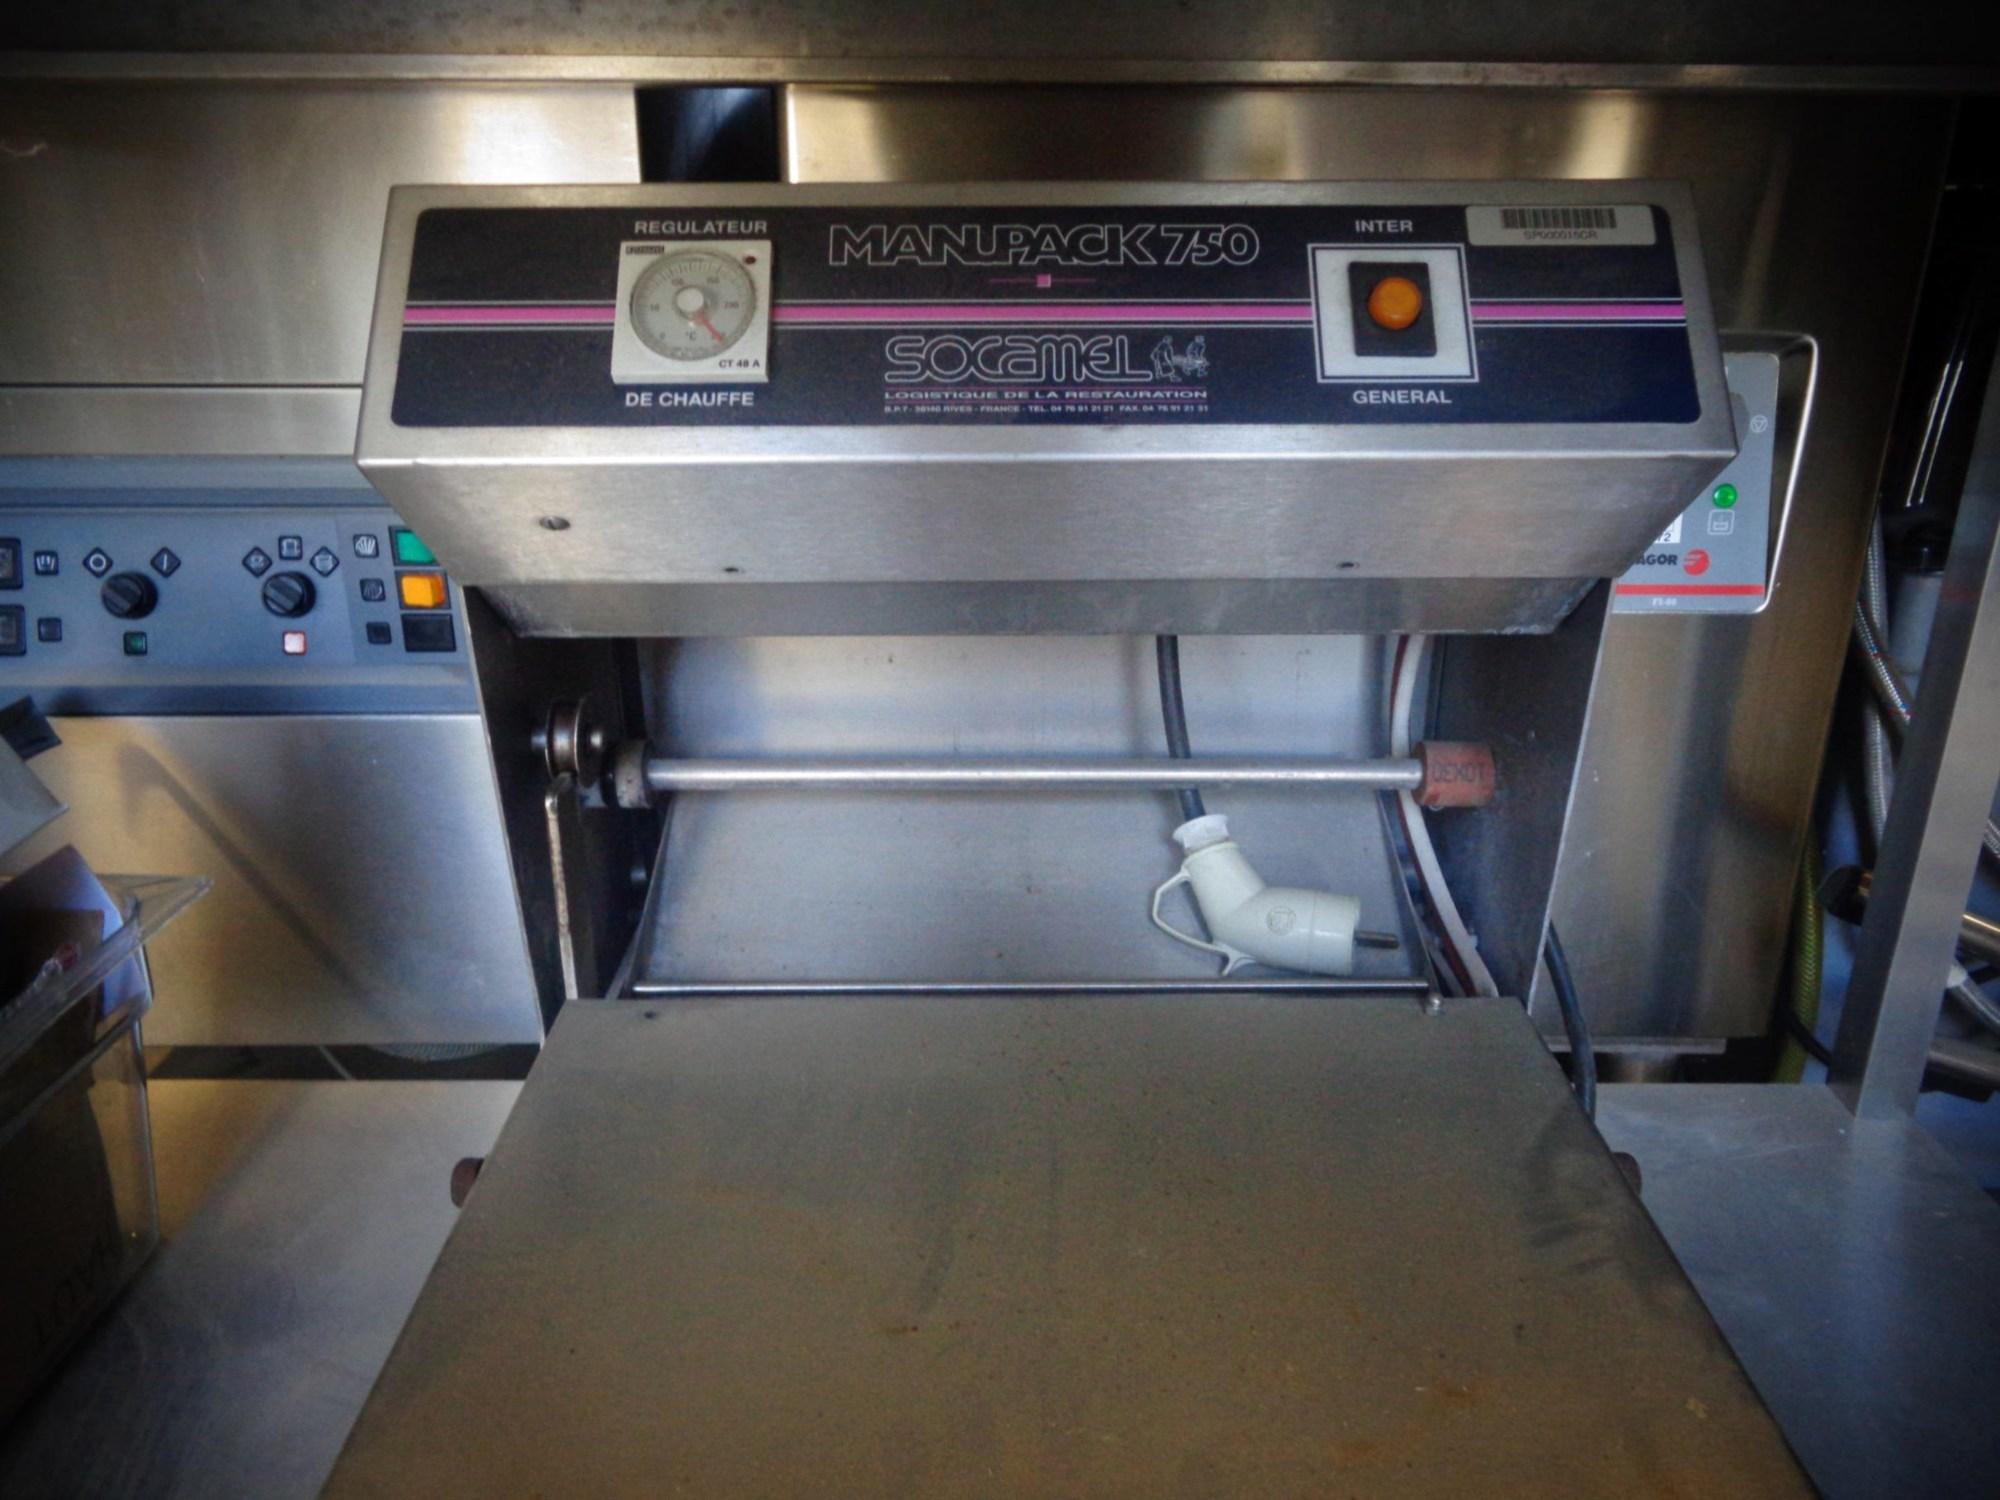 Thermoscelleuse manuelle equipement de cuisine d for Equipement de cuisine usage